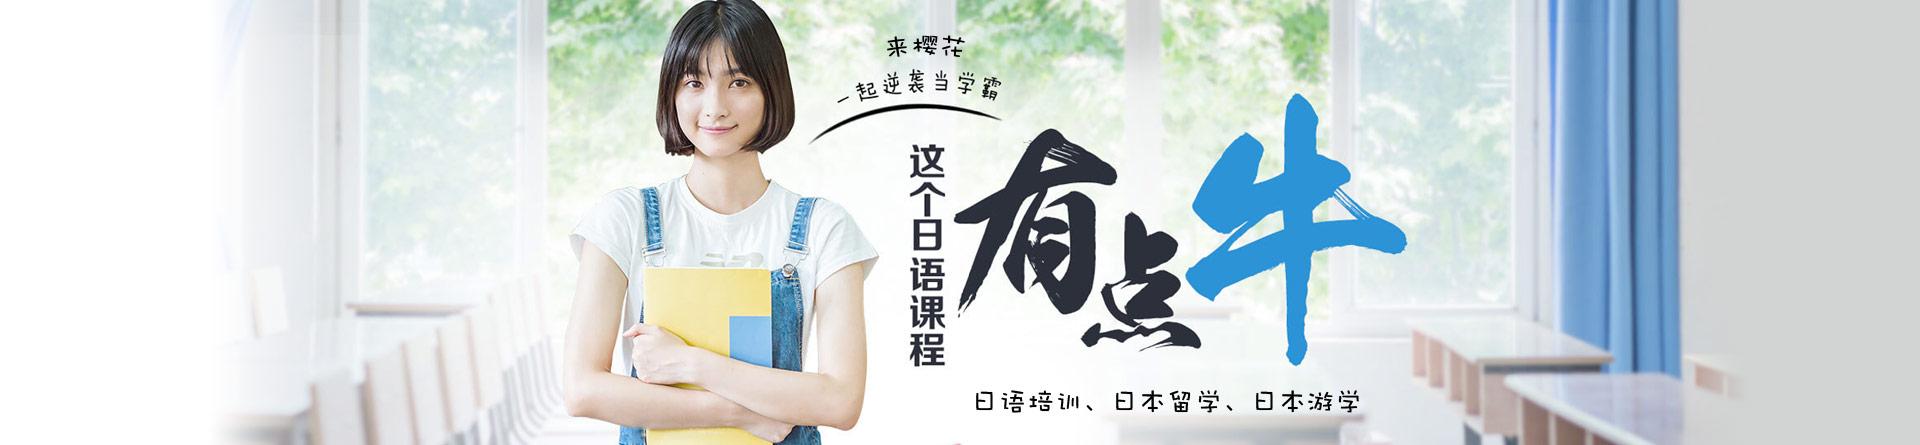 南通樱花国际日语培训学校